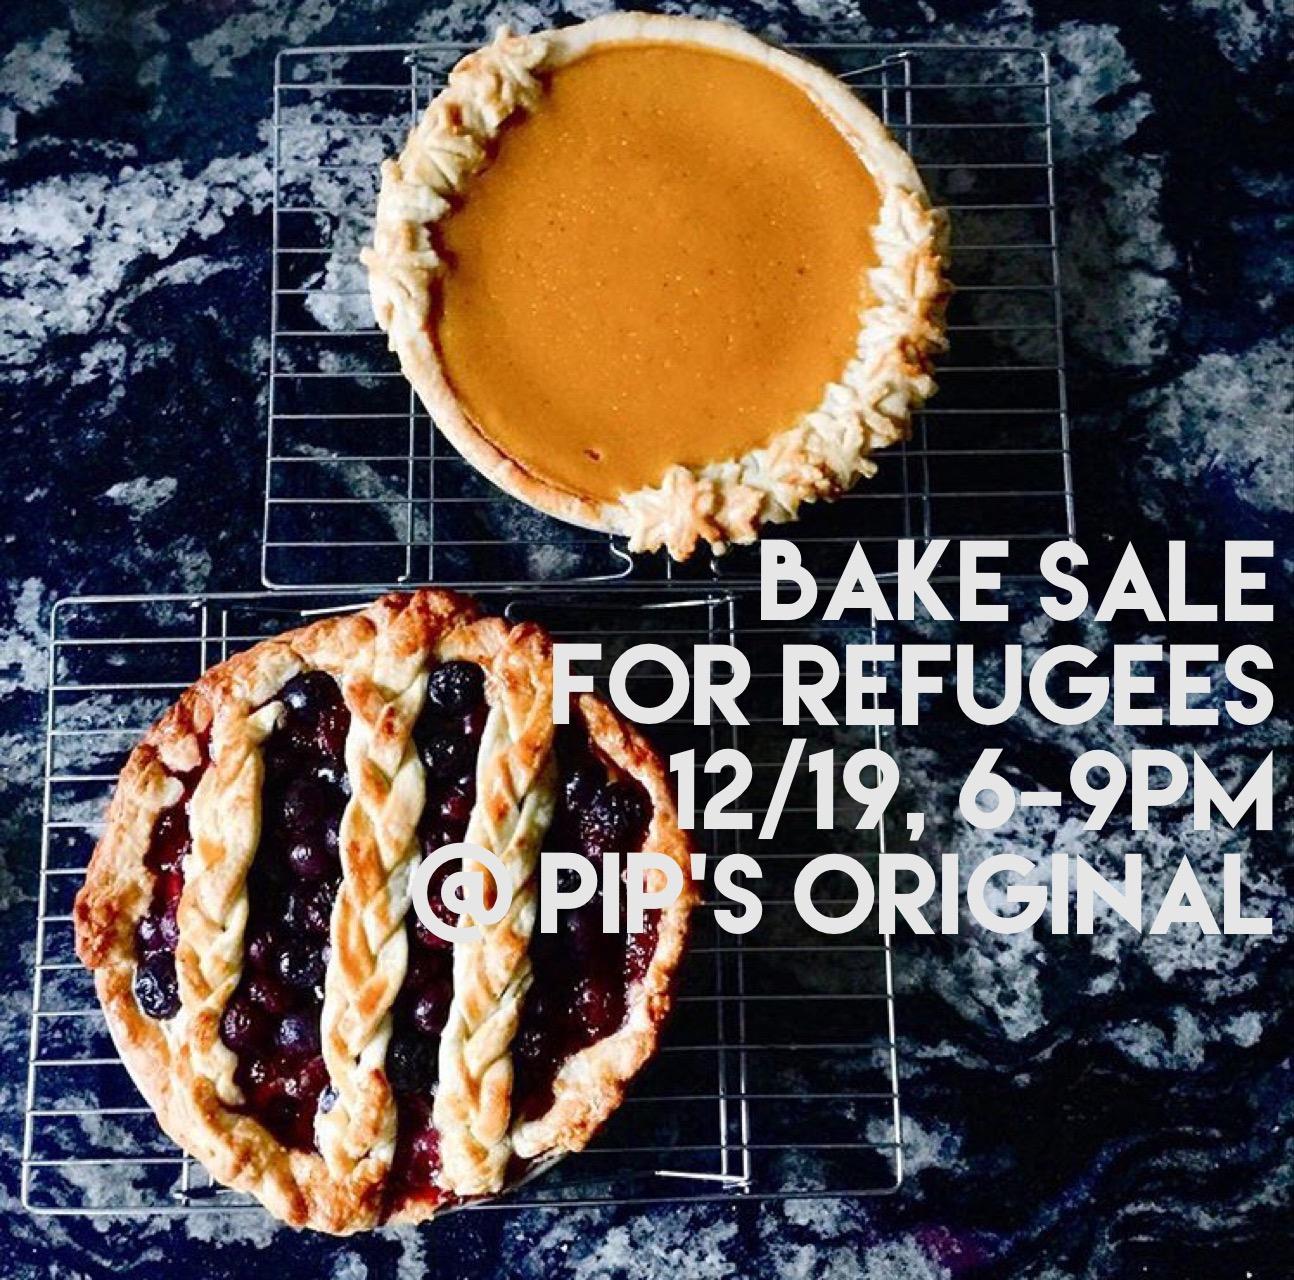 Bake Sale For Refugees